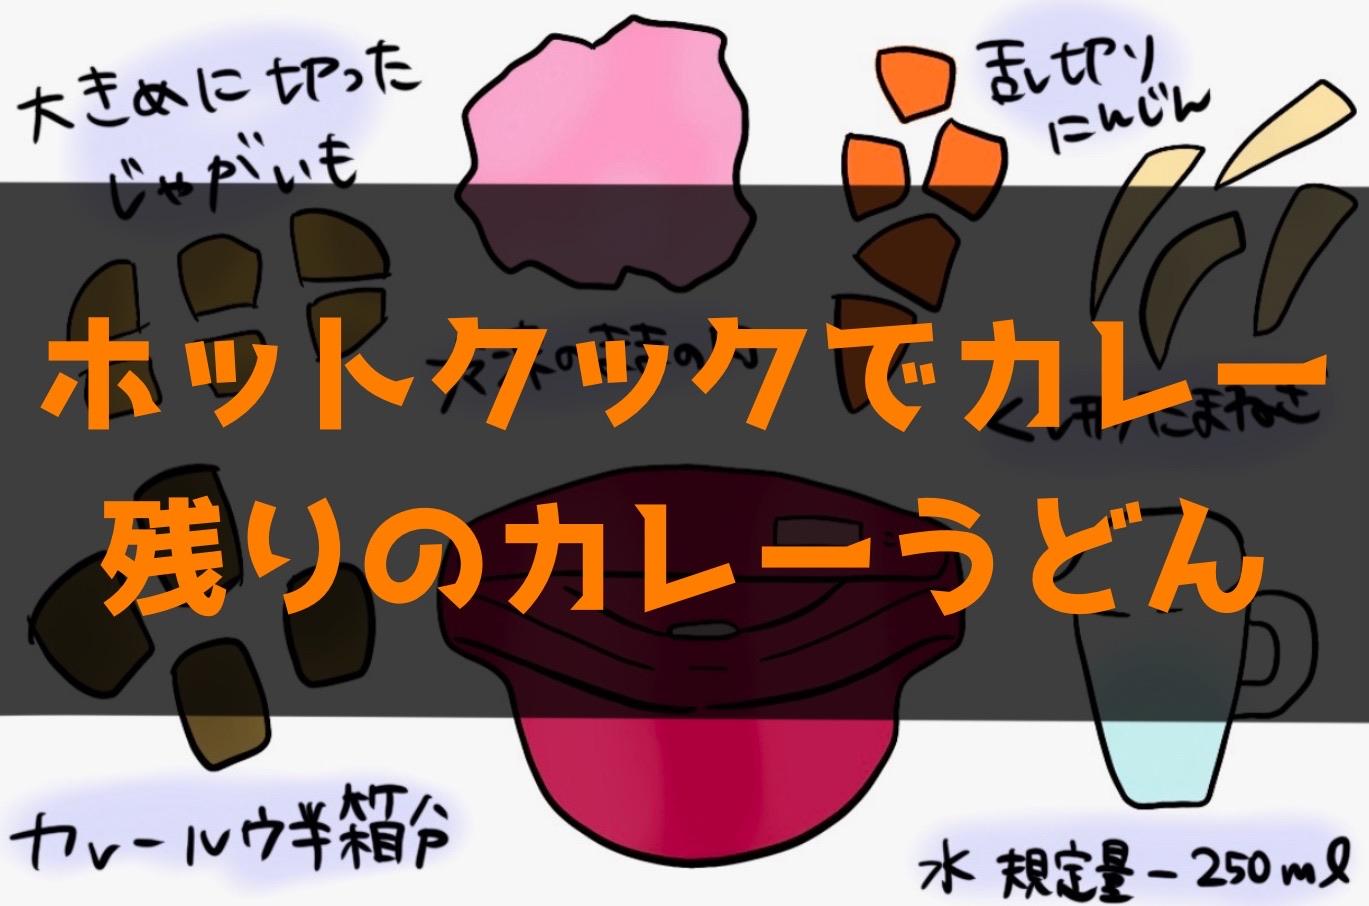 【ホットクック】カレーと残りの卵入りカレーうどんのレシピ